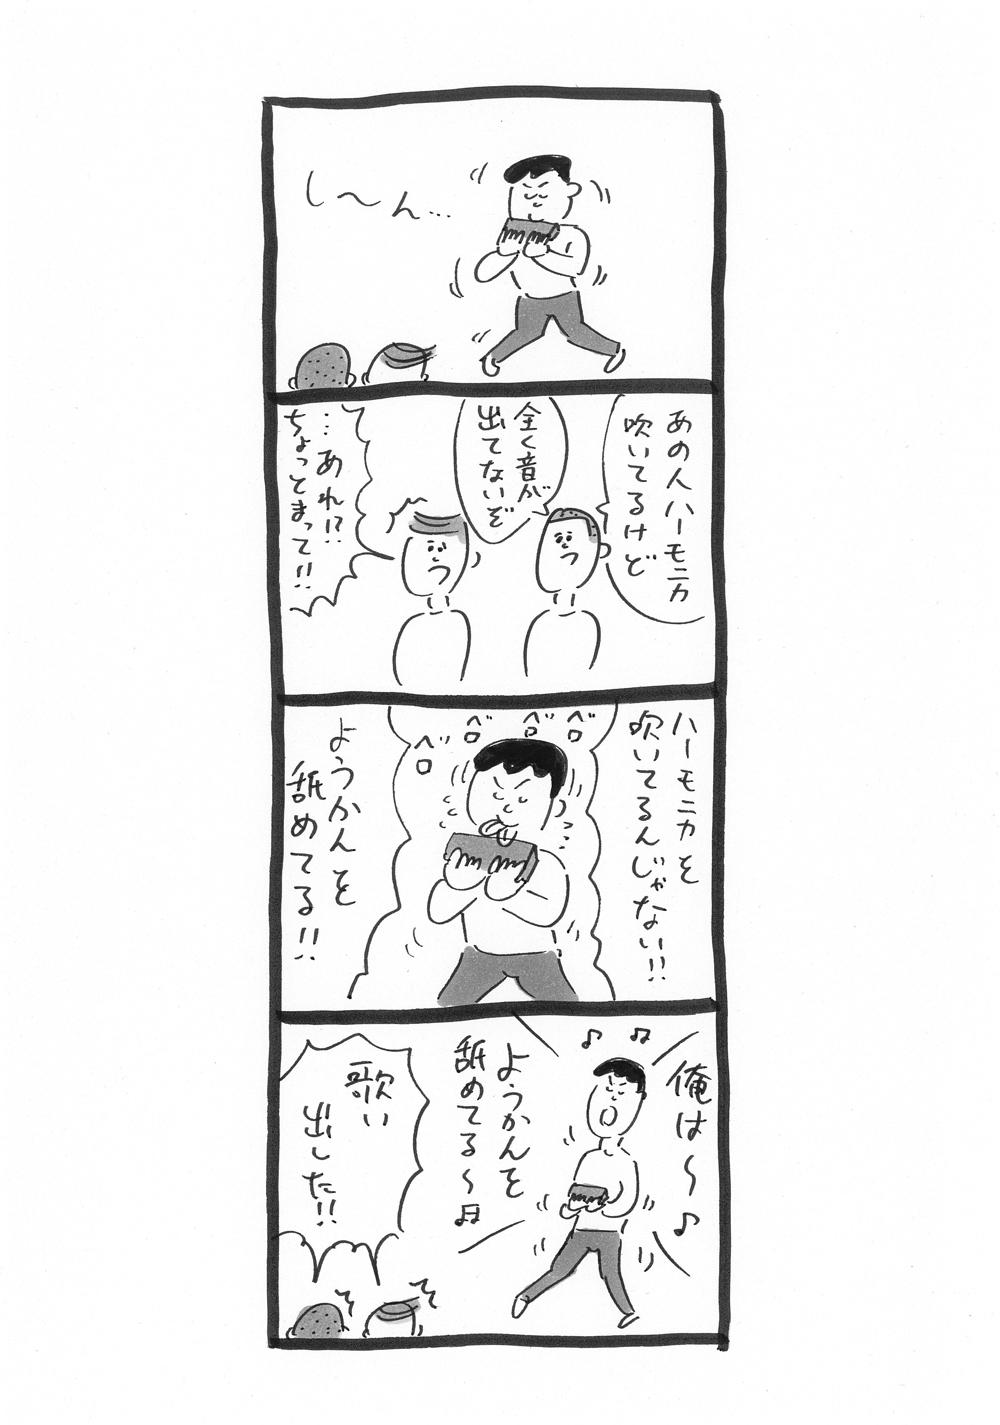 oho-shintarou-003